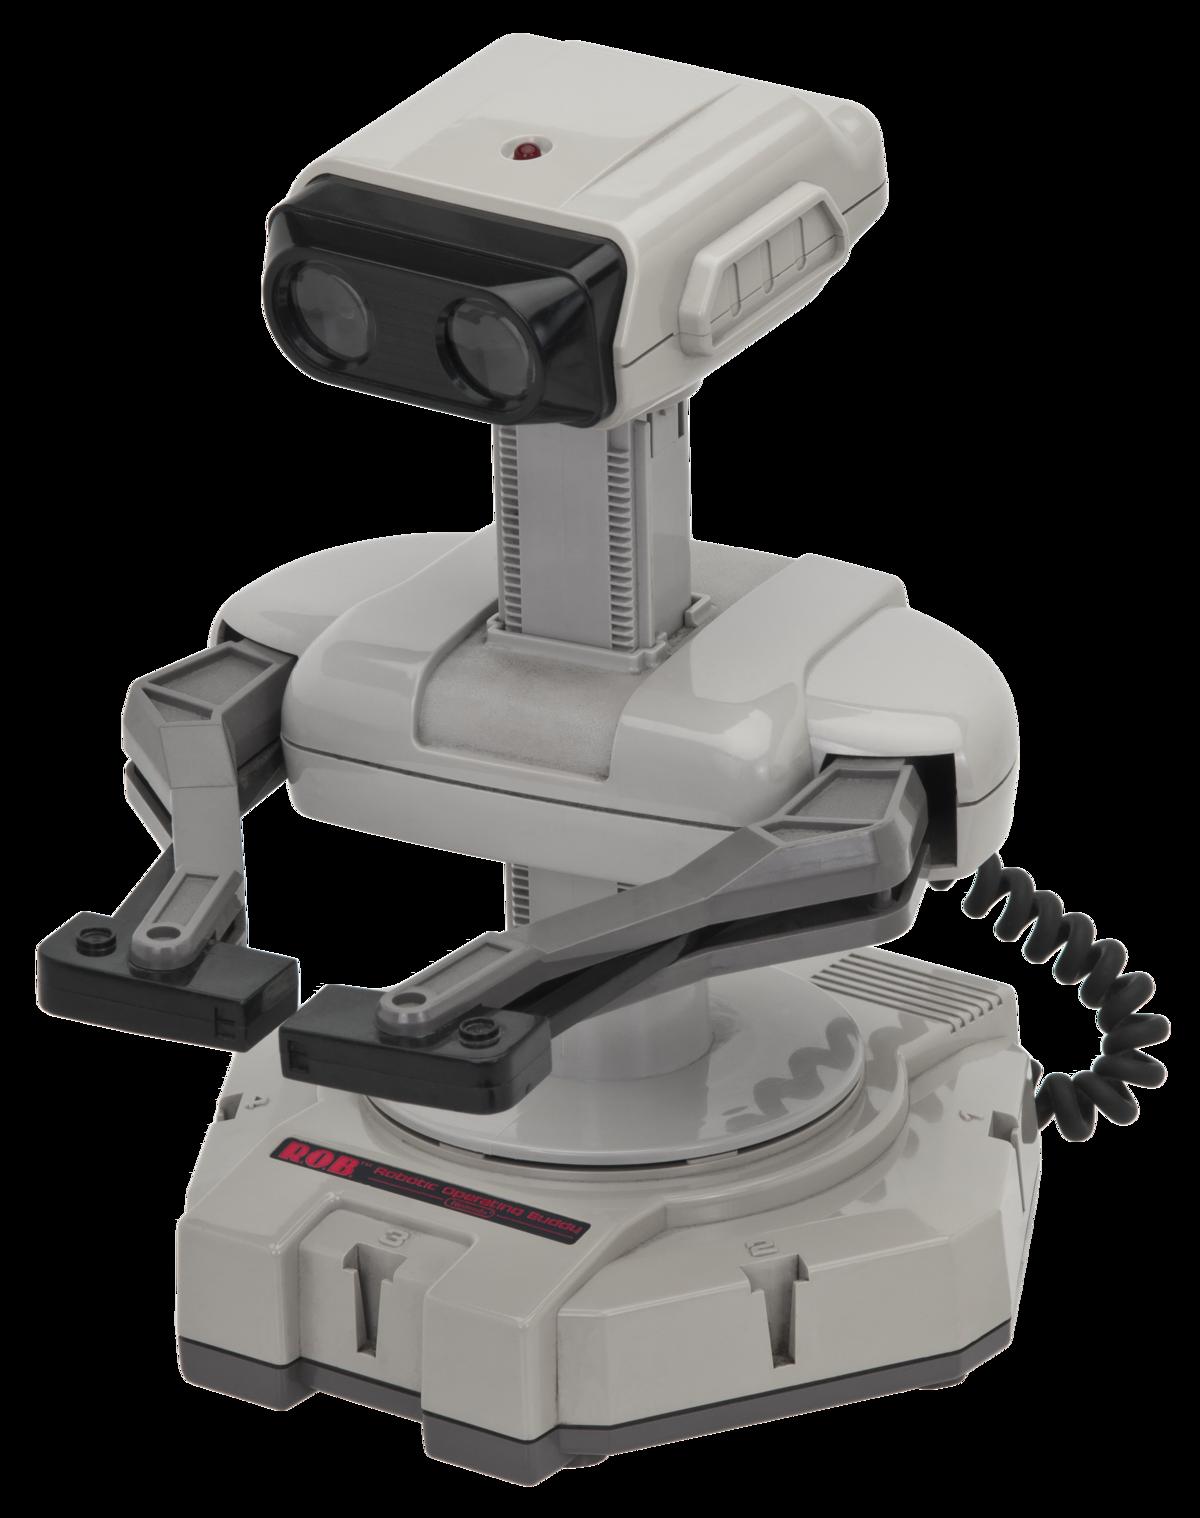 robotics___cnc_1200px-NES-ROB.png